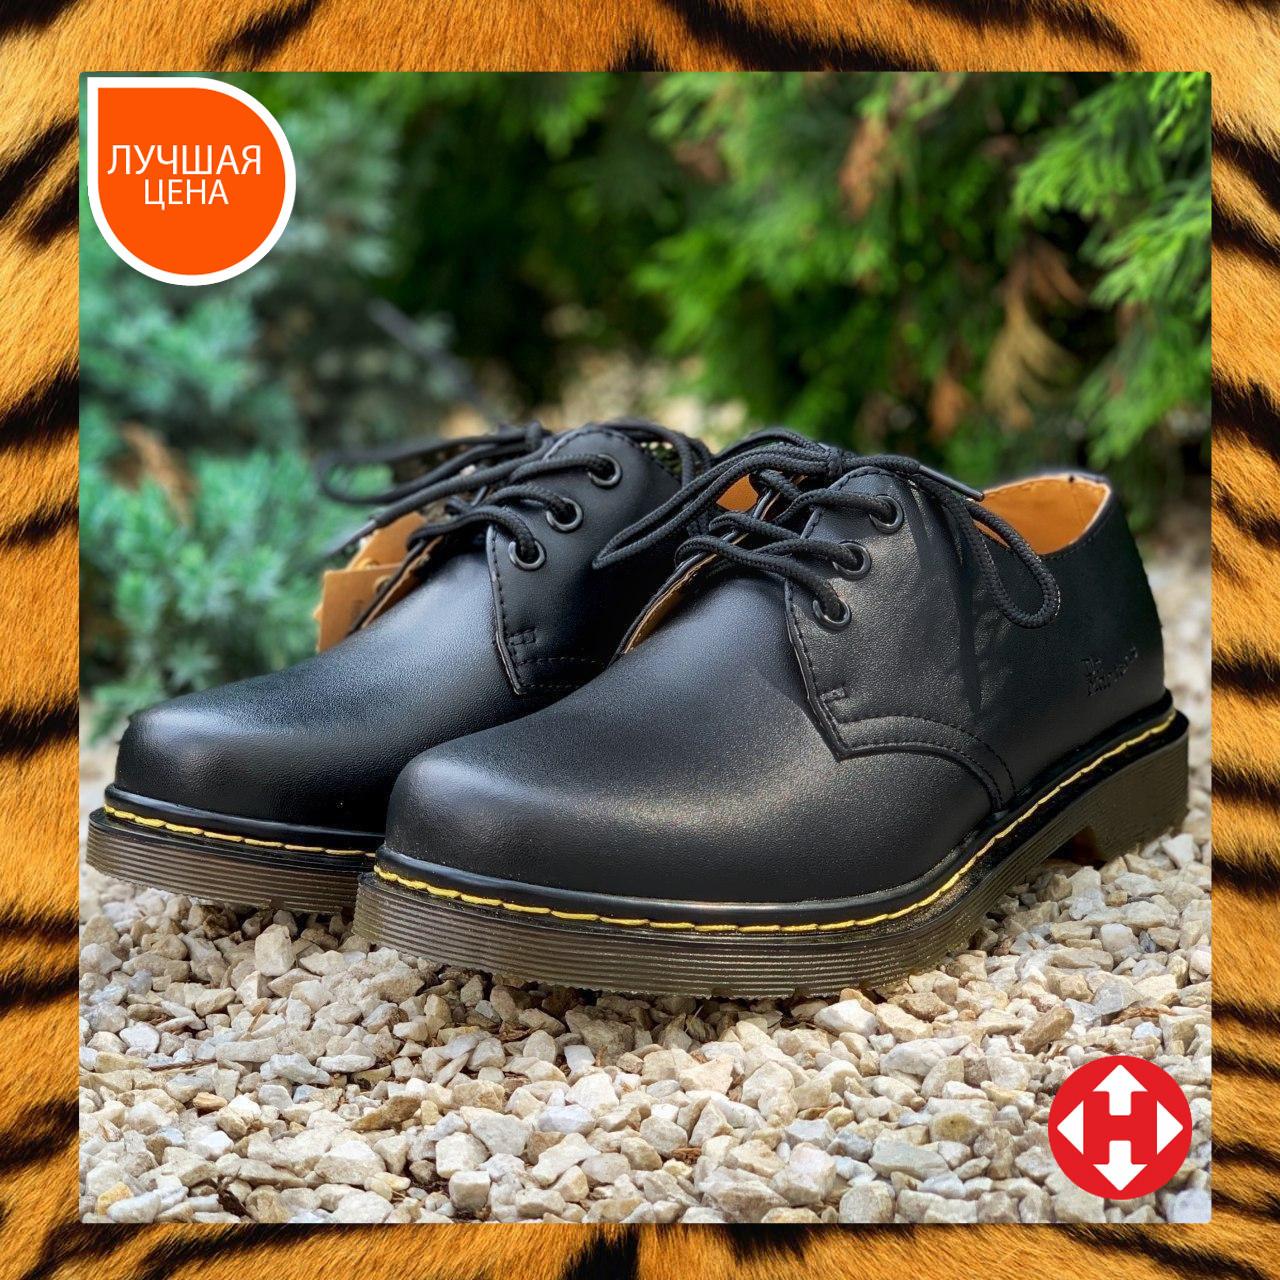 🔥 Туфли женские Dr.Martens 1461 мартинсы черные повседневные кожаные дерби